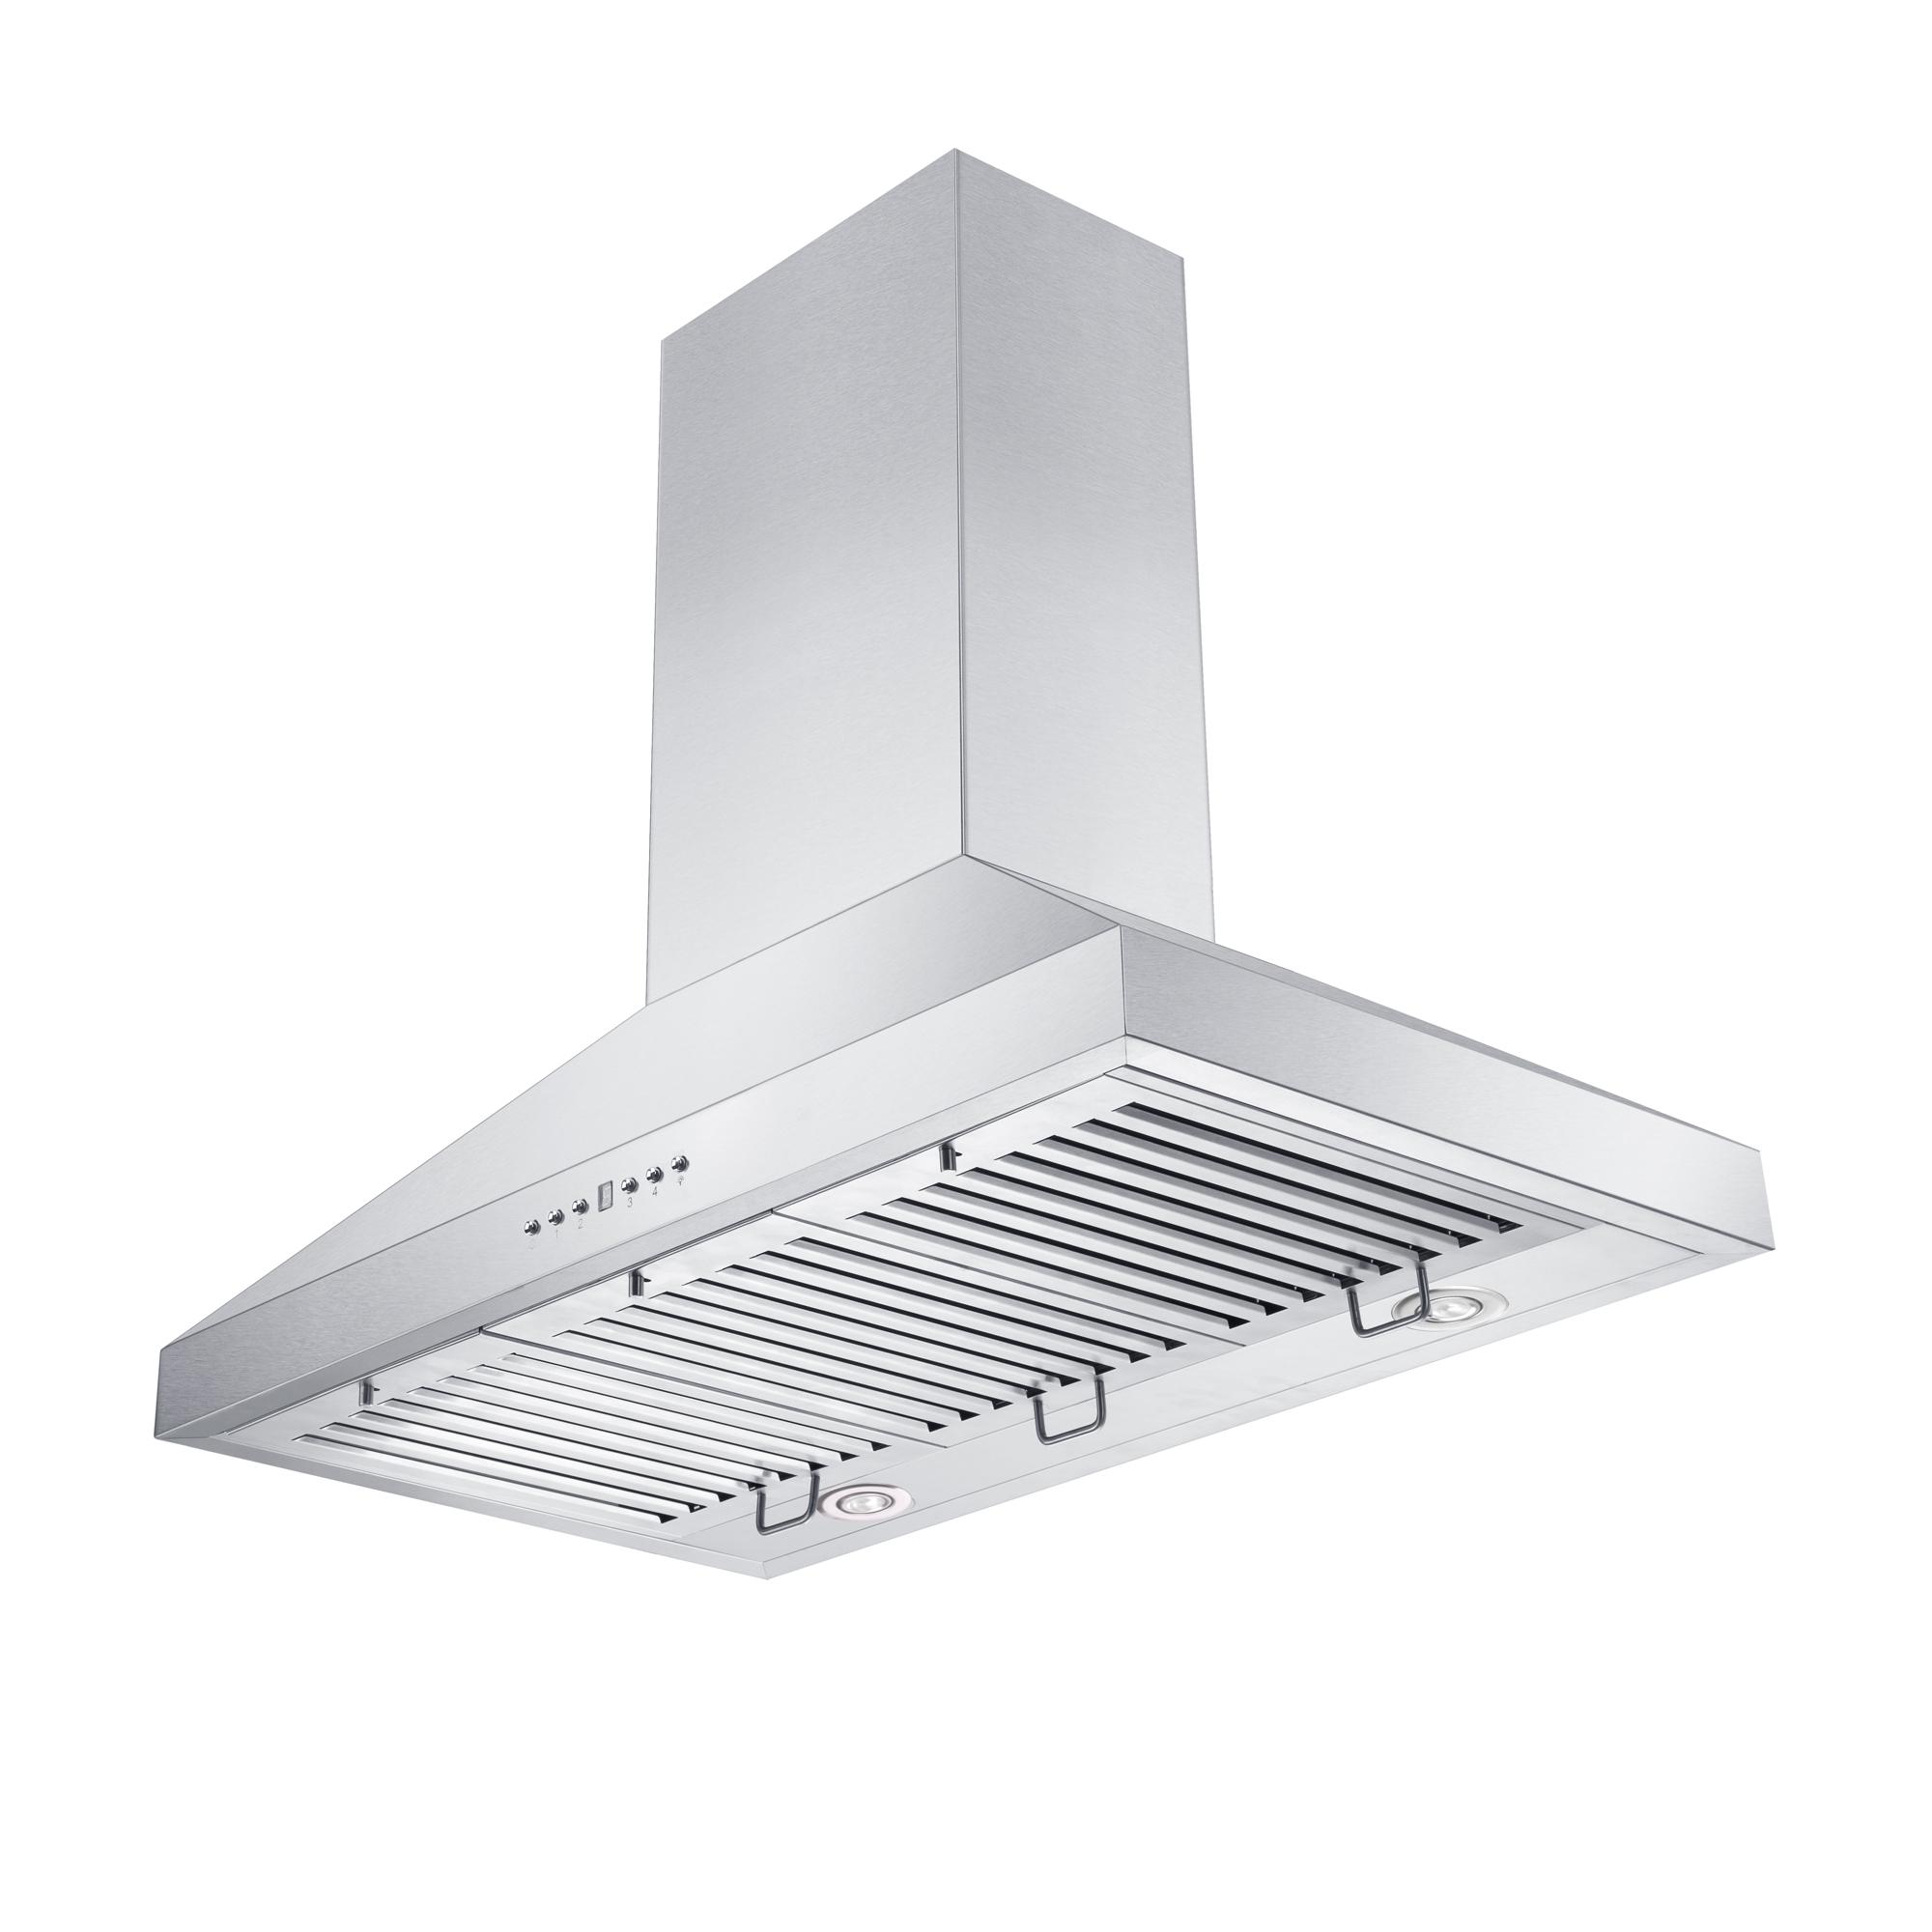 zline-stainless-steel-wall-mounted-range-hood-KL3-new-side-bottom.jpg